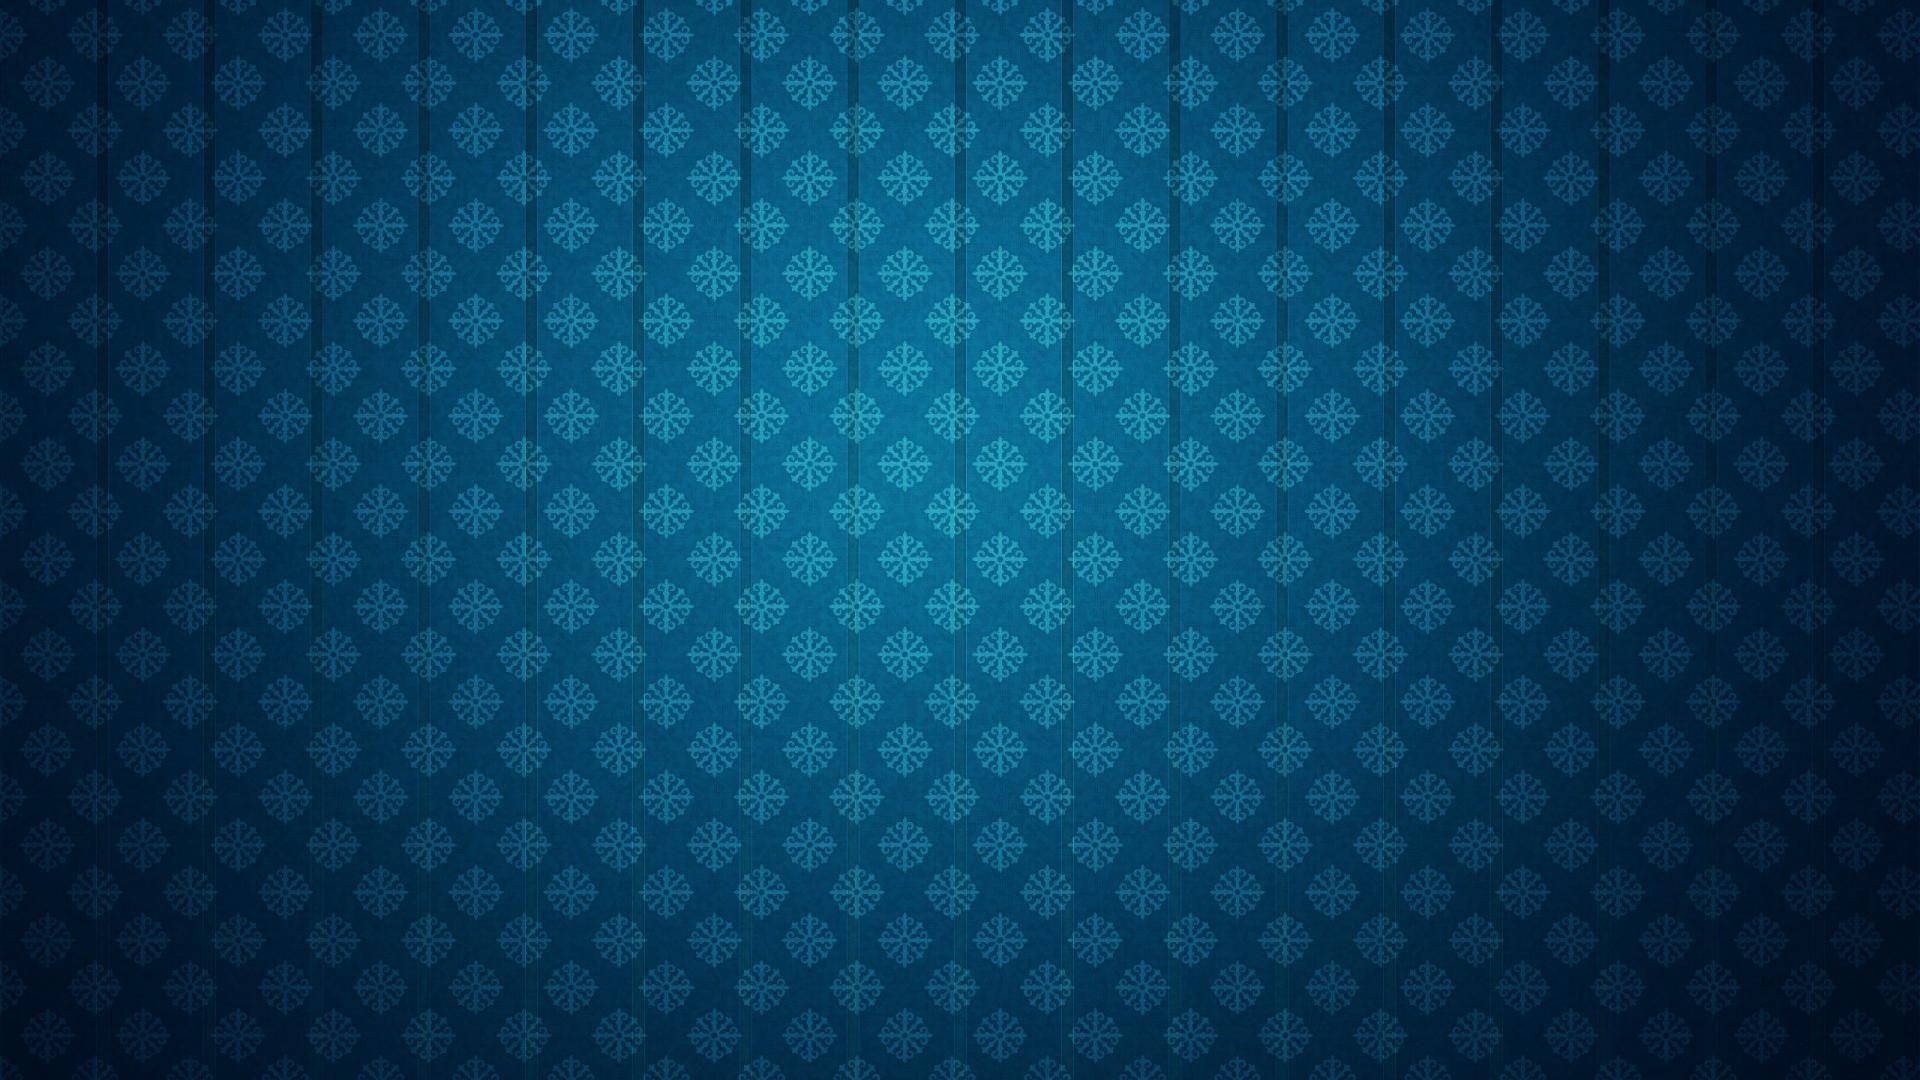 Background Design 023jpg 19201080 Blue background patterns 1920x1080